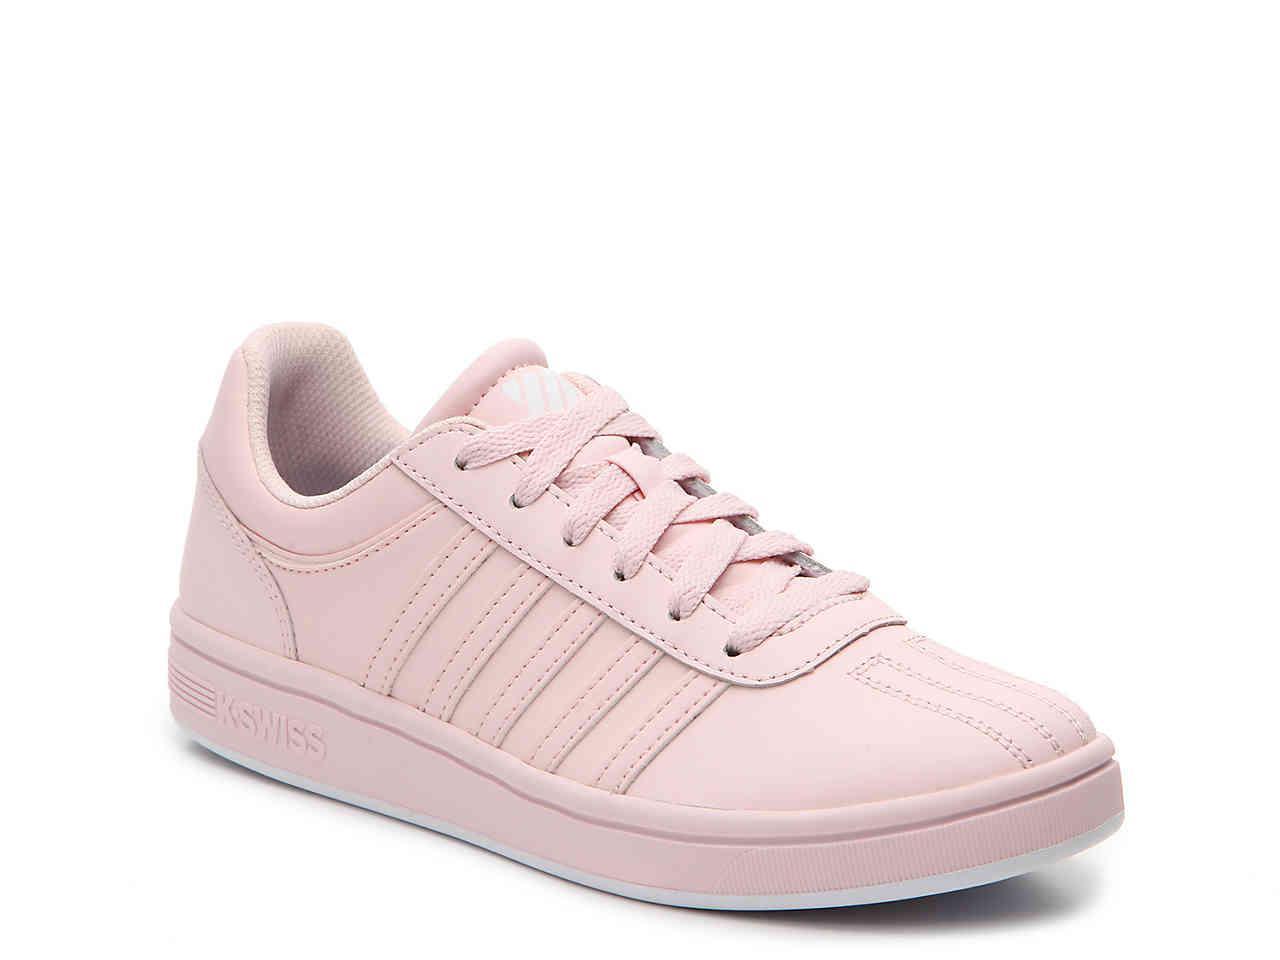 K-swiss Leather Chesterfield Sneaker in